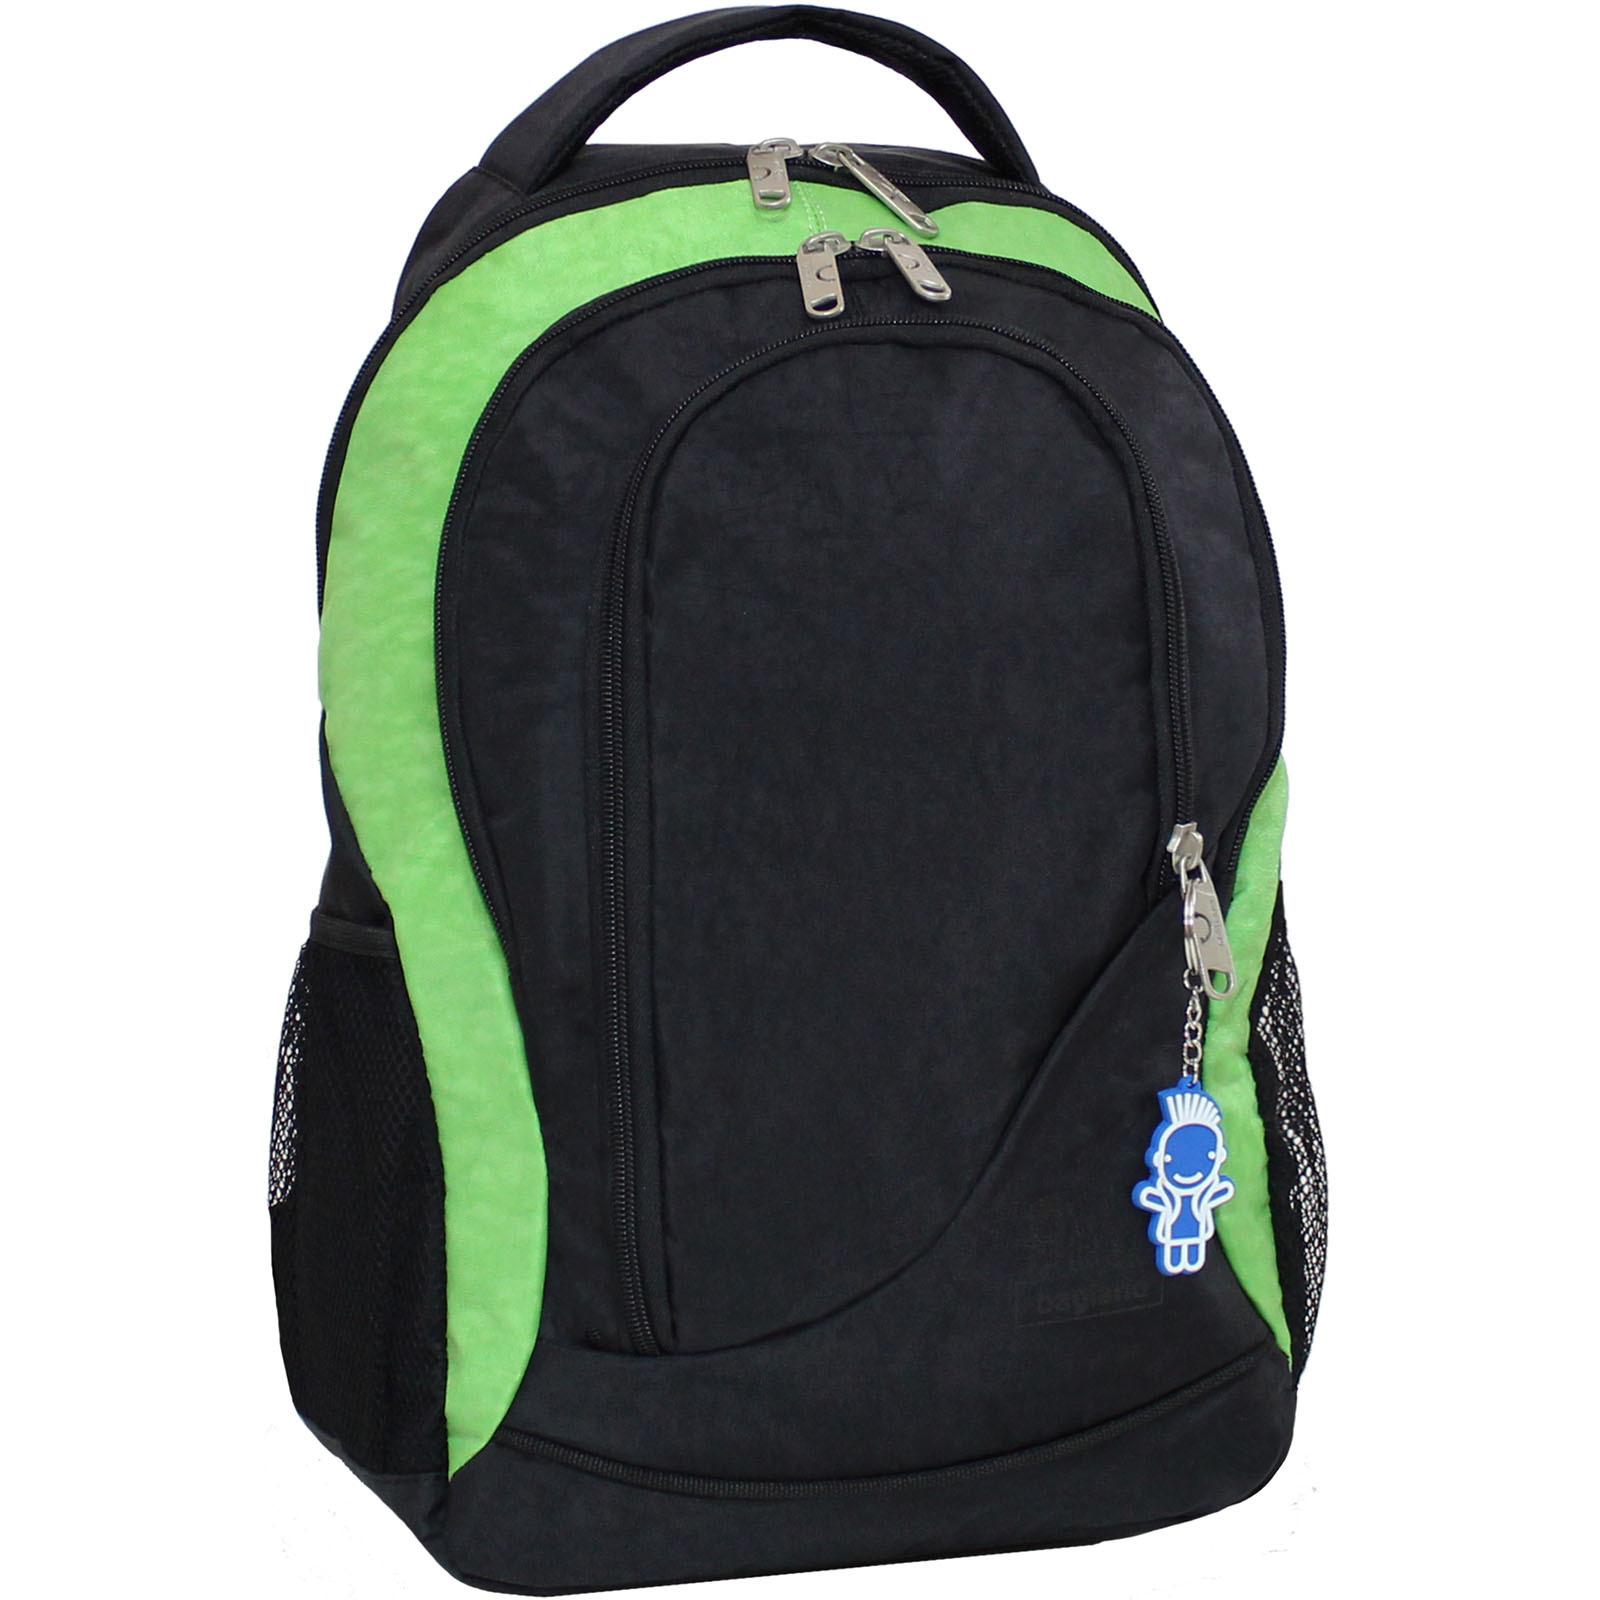 Городские рюкзаки Рюкзак Bagland Бис 21 л. Чёрный / салатовый (0055670) IMG_9288.JPG